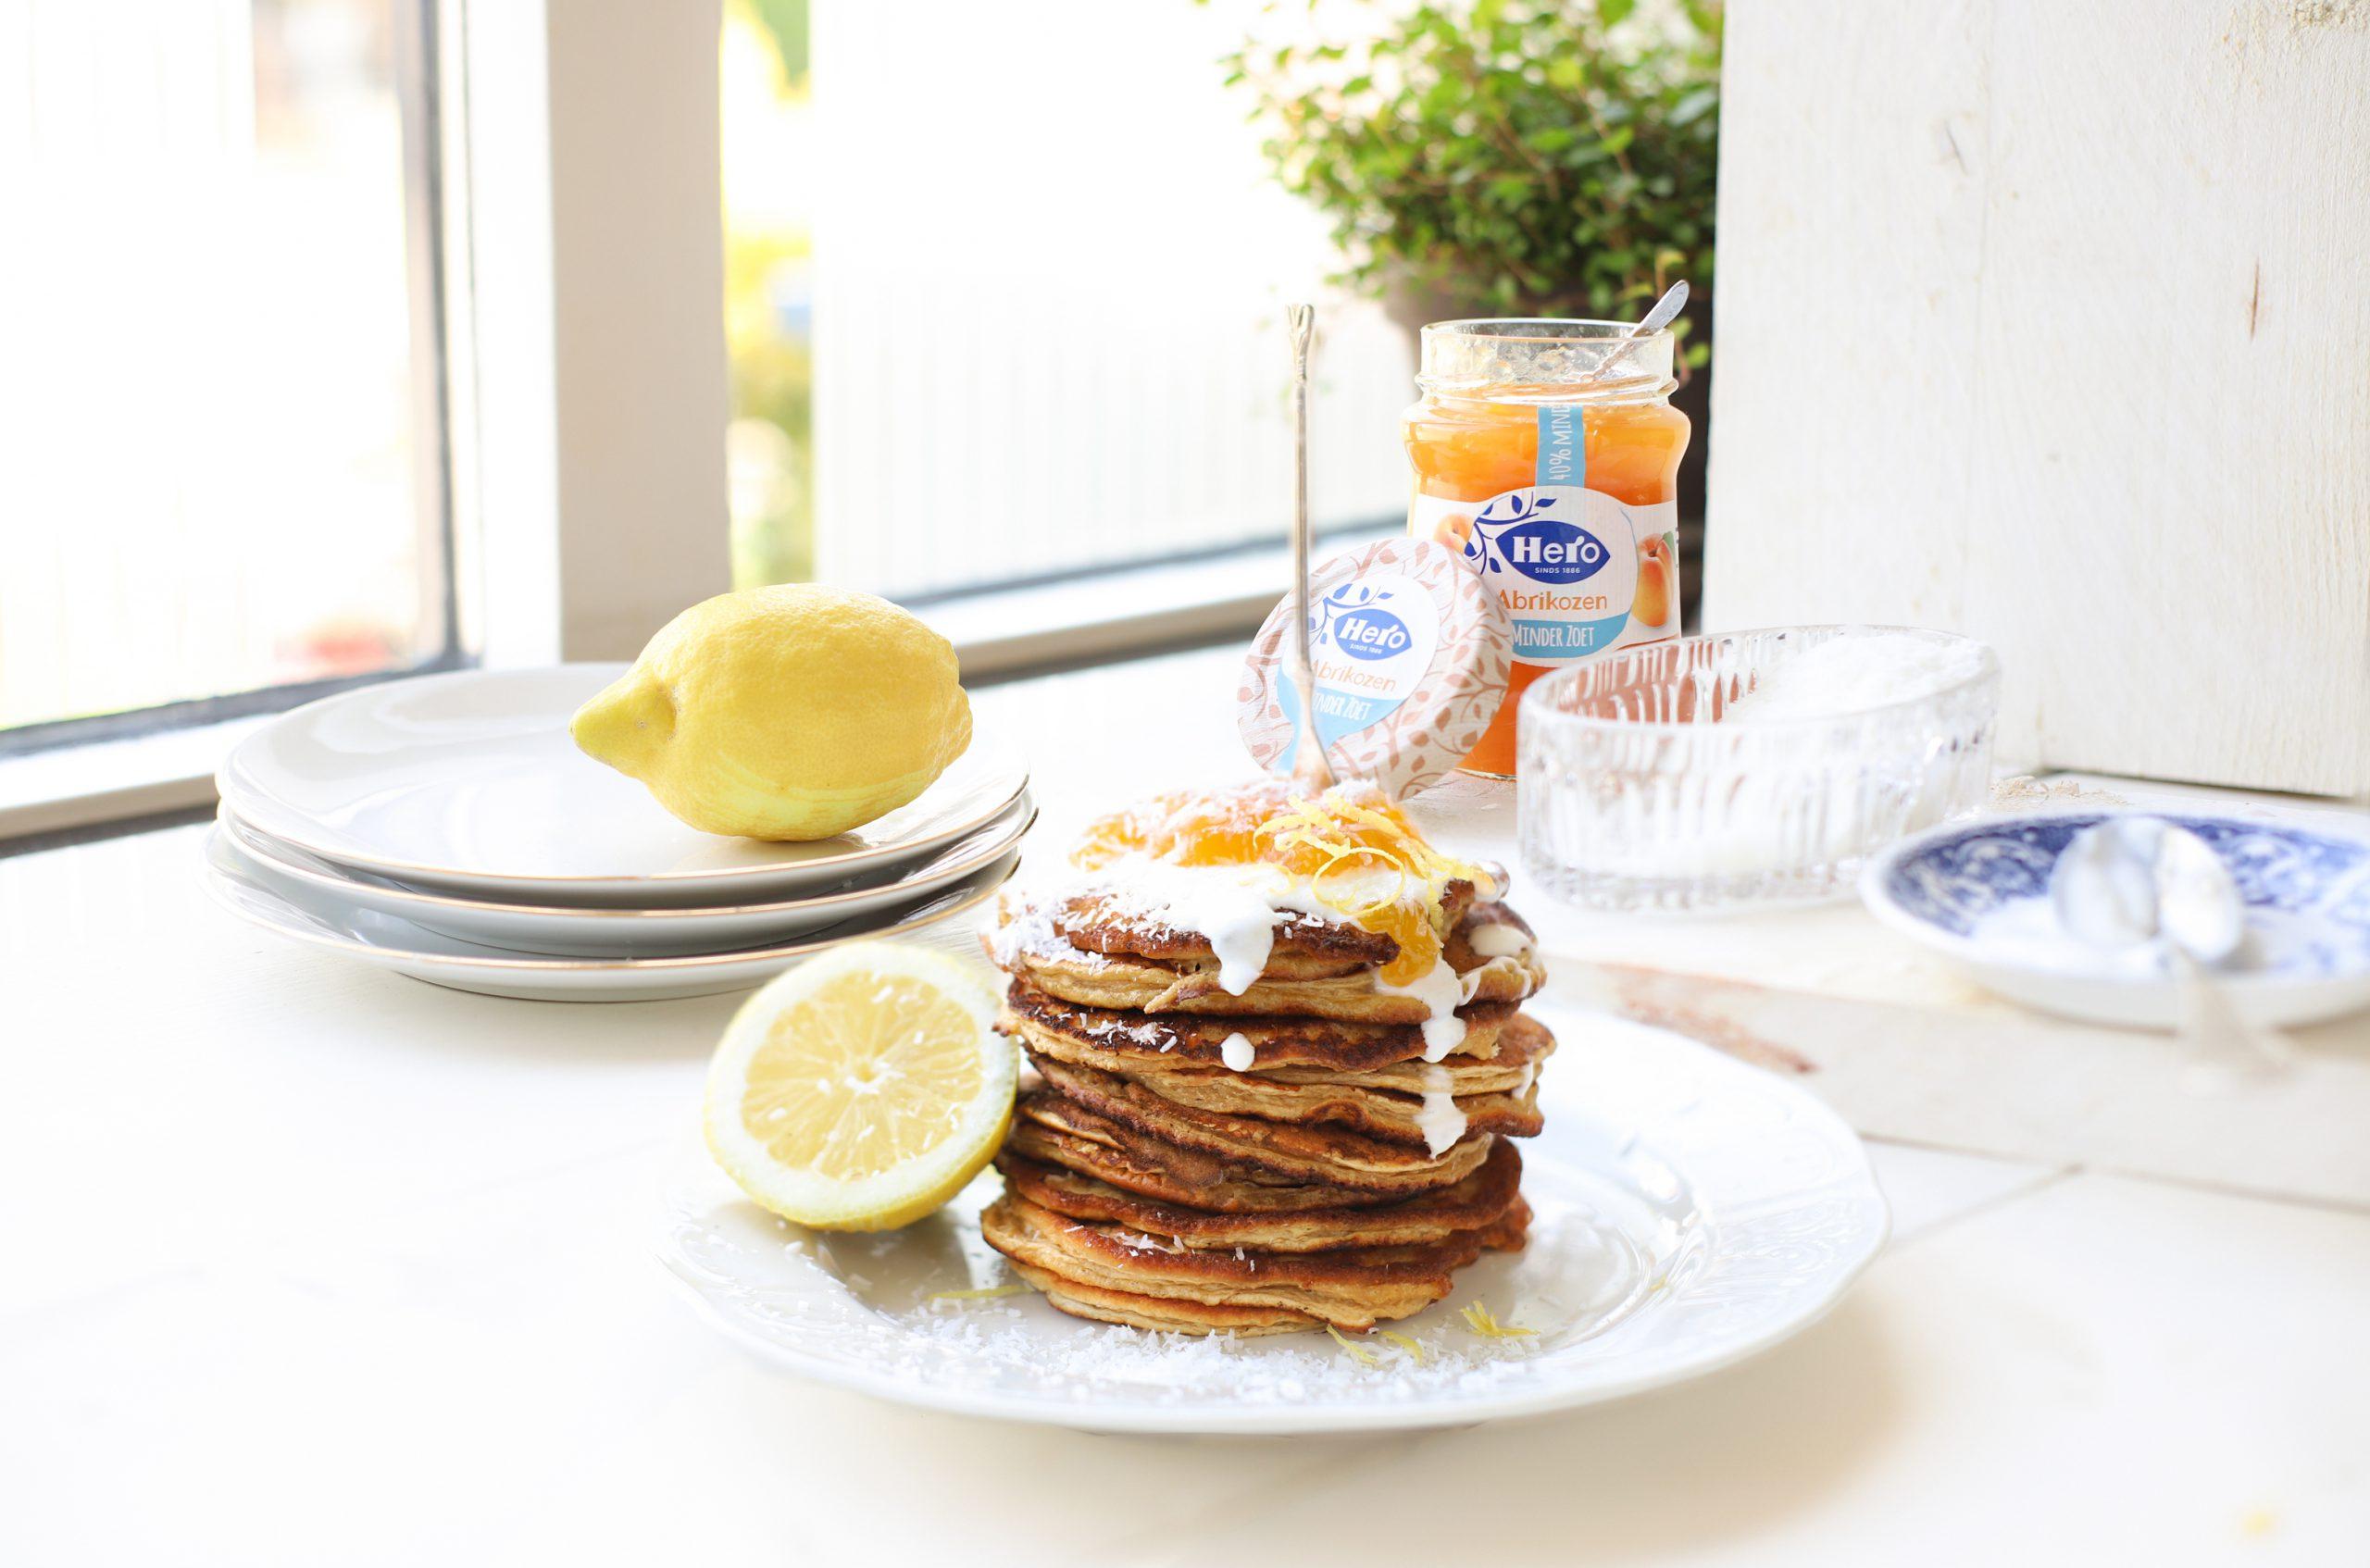 Kokos banaan pannenkoekjes met geitenyoghurt, citroen & abrikozenjam 'The Lemon Kitchen